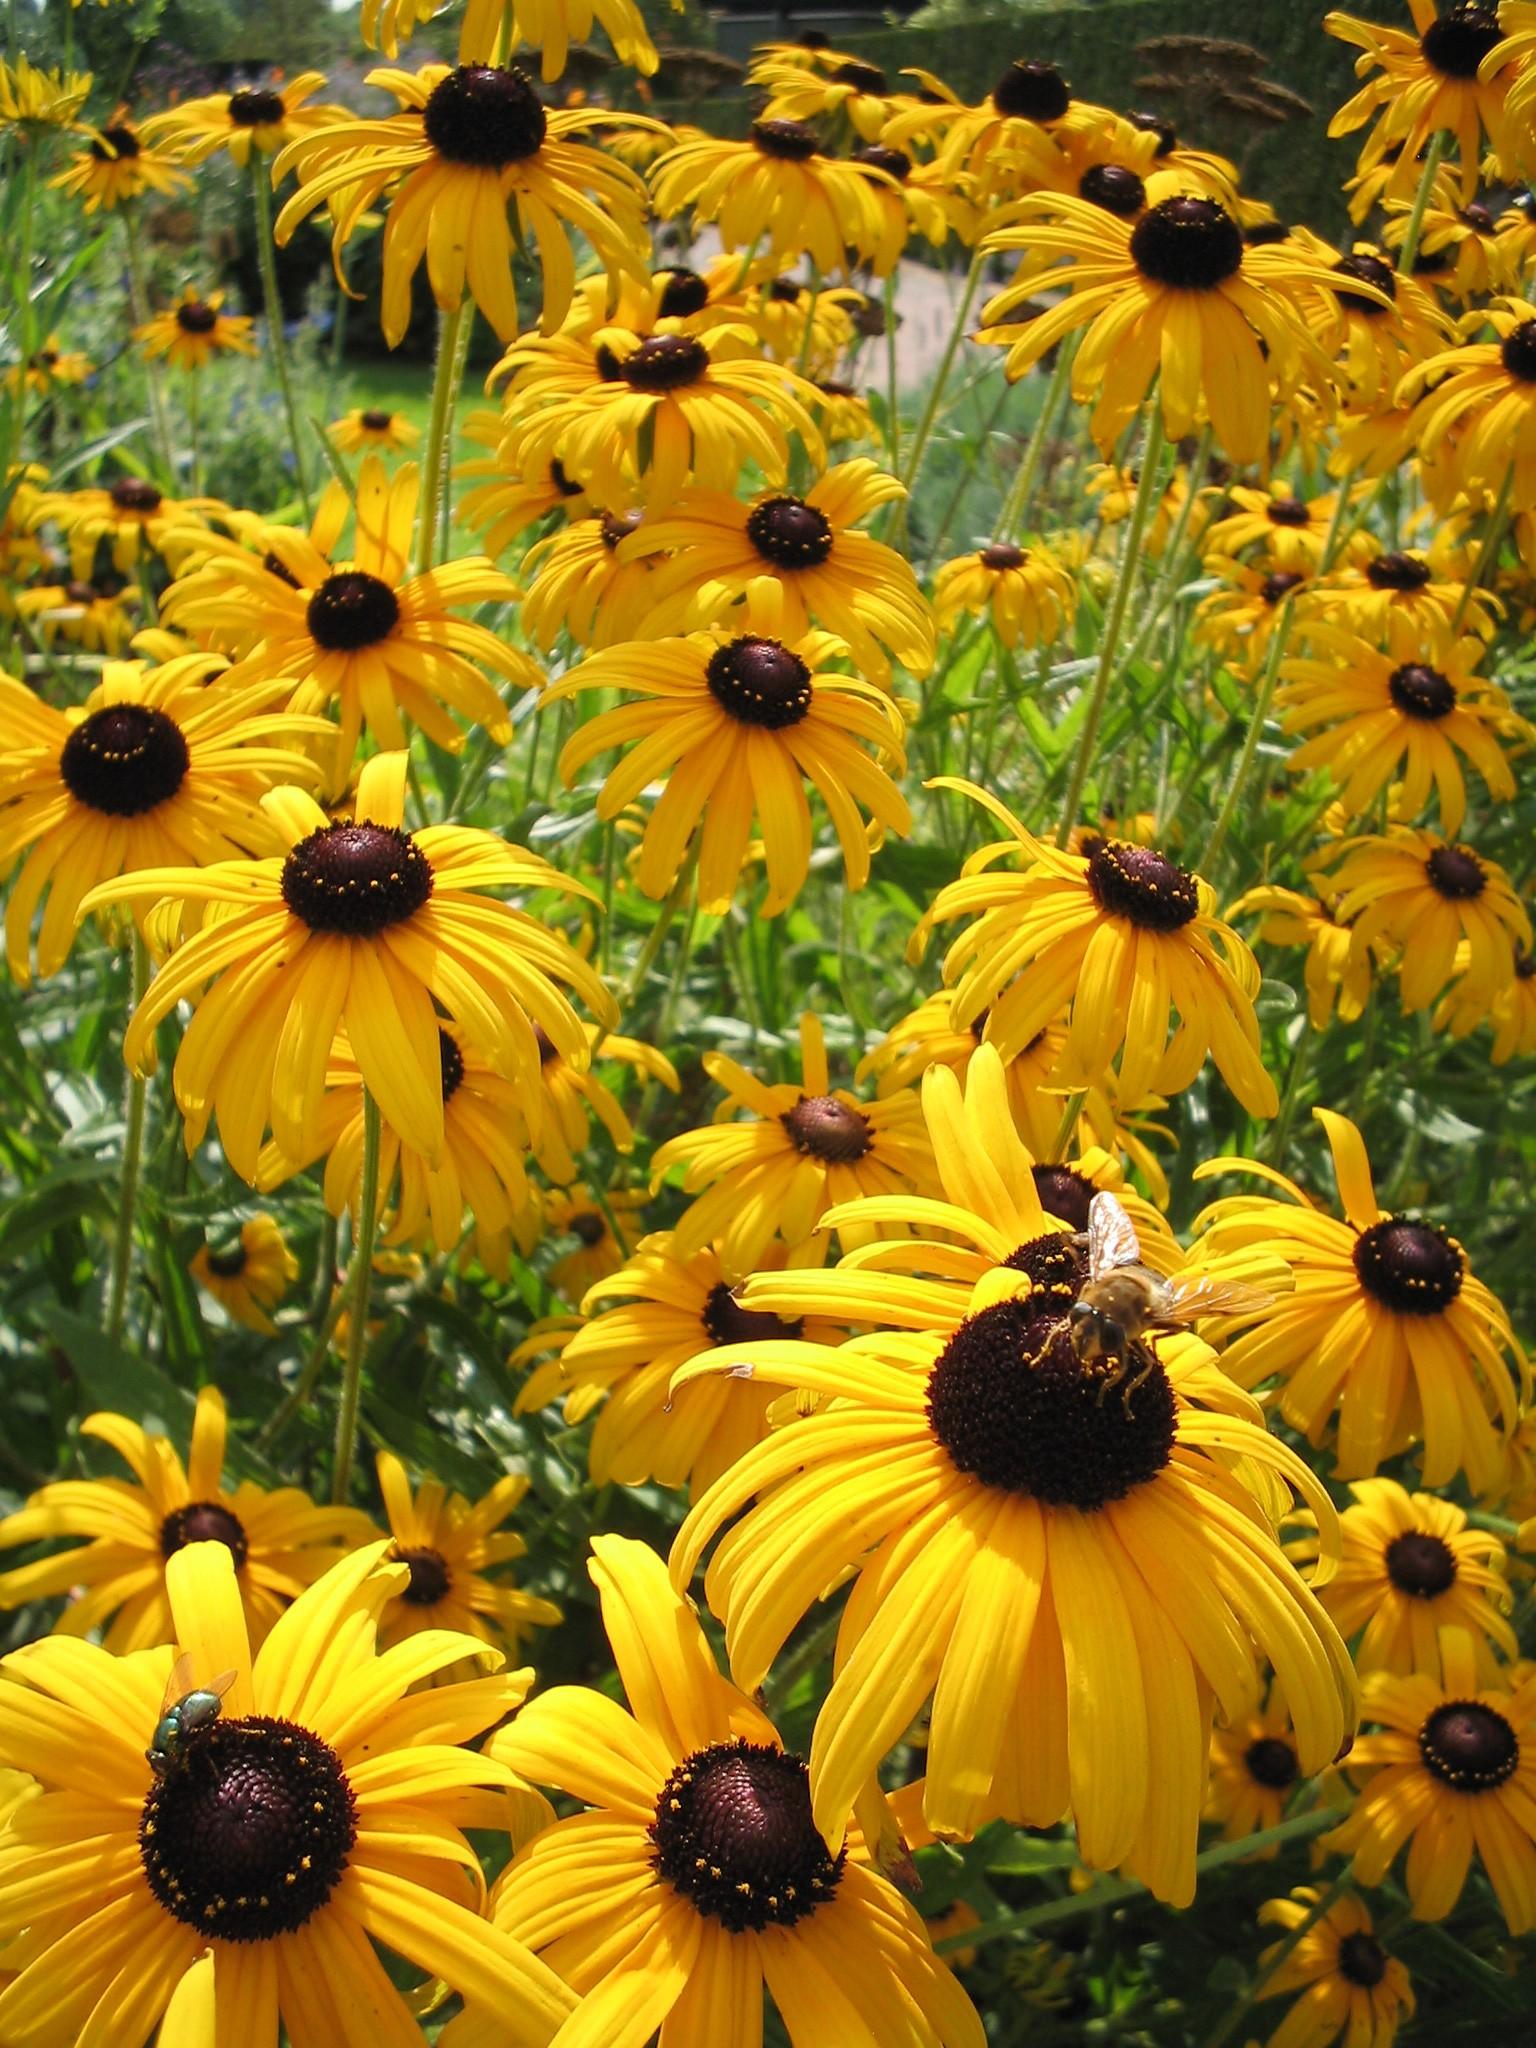 tuinplant met gele bloemen